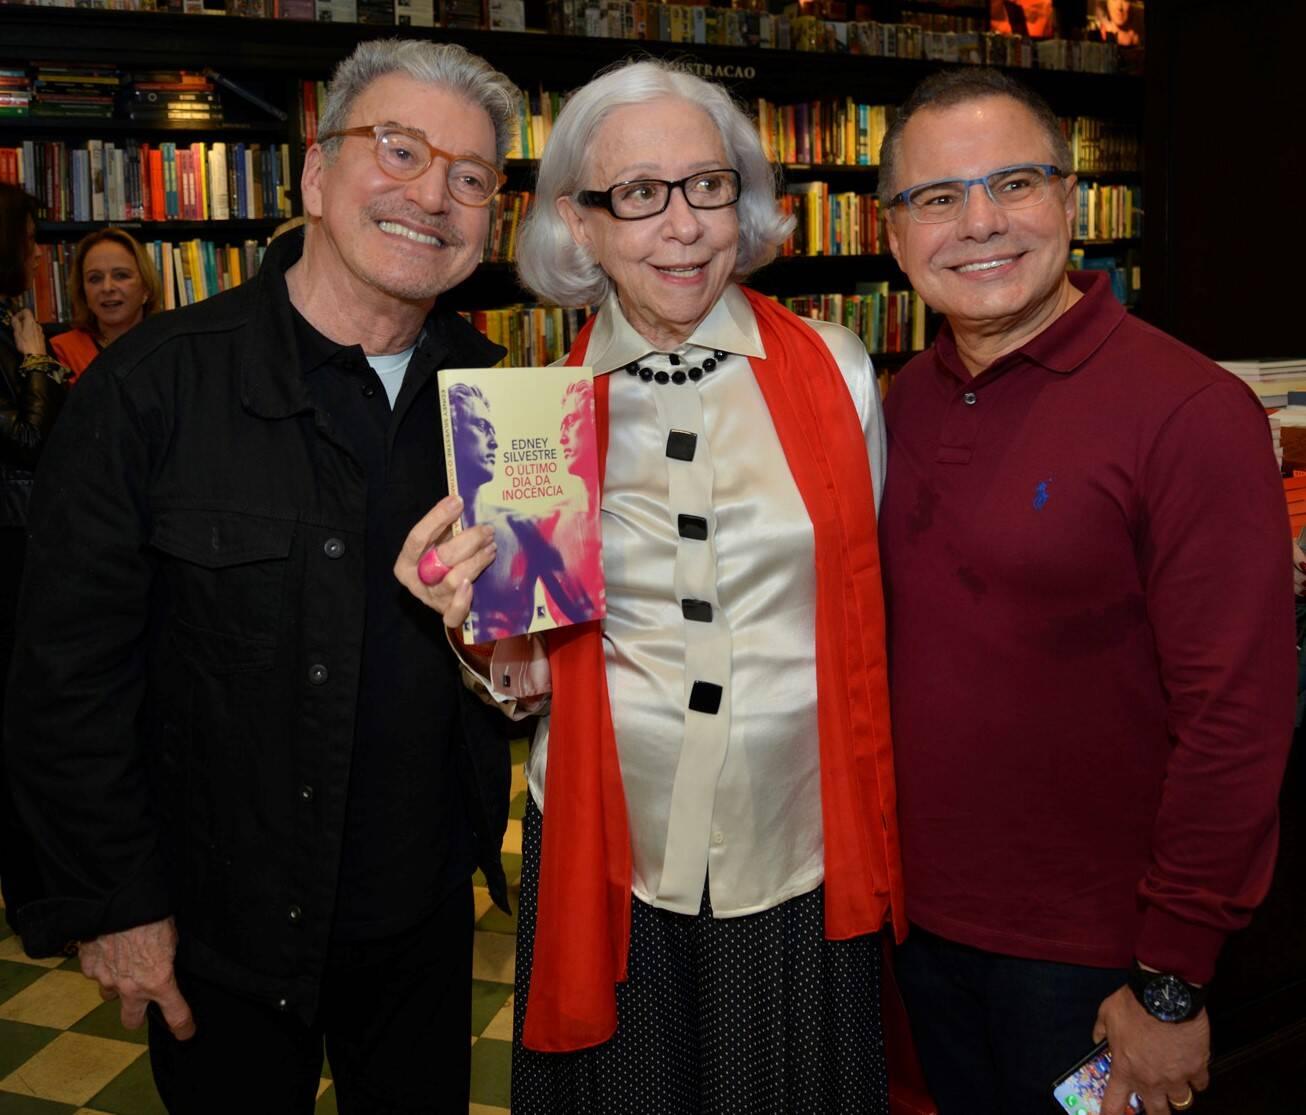 Edney Silvestre, Fernanda Montenegro e Ricardo Linhares /Foto: J Egberto